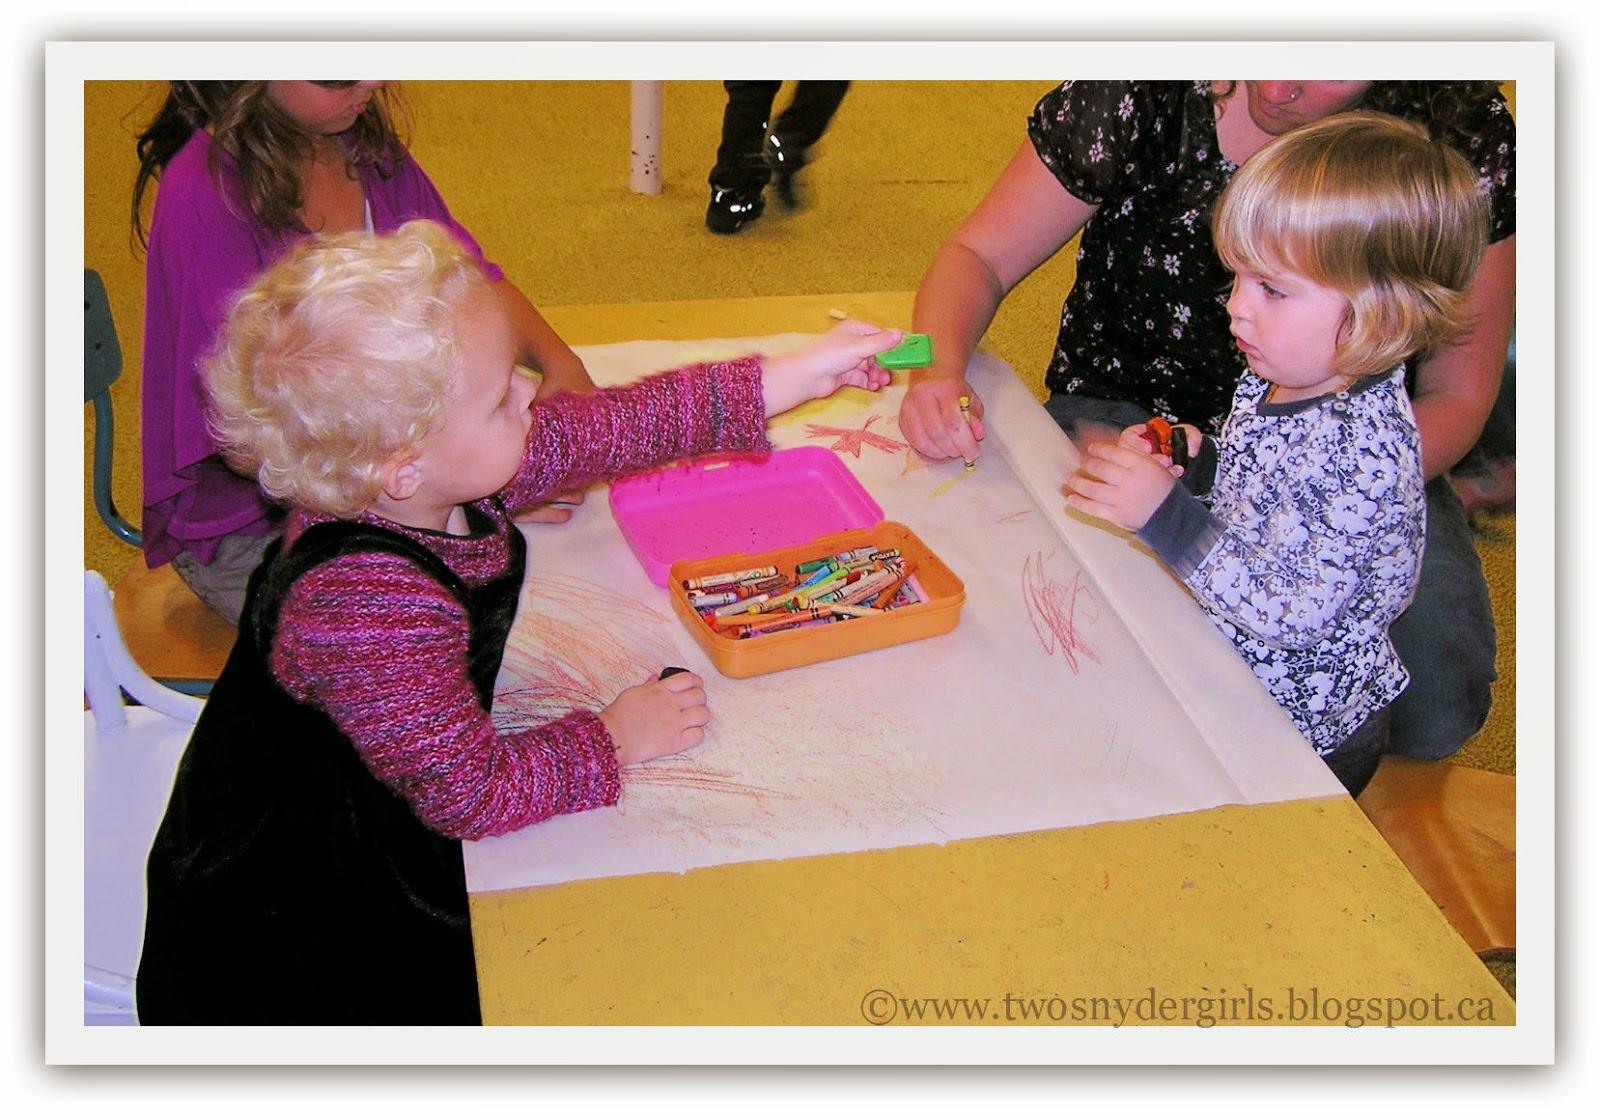 Sharing a crayon